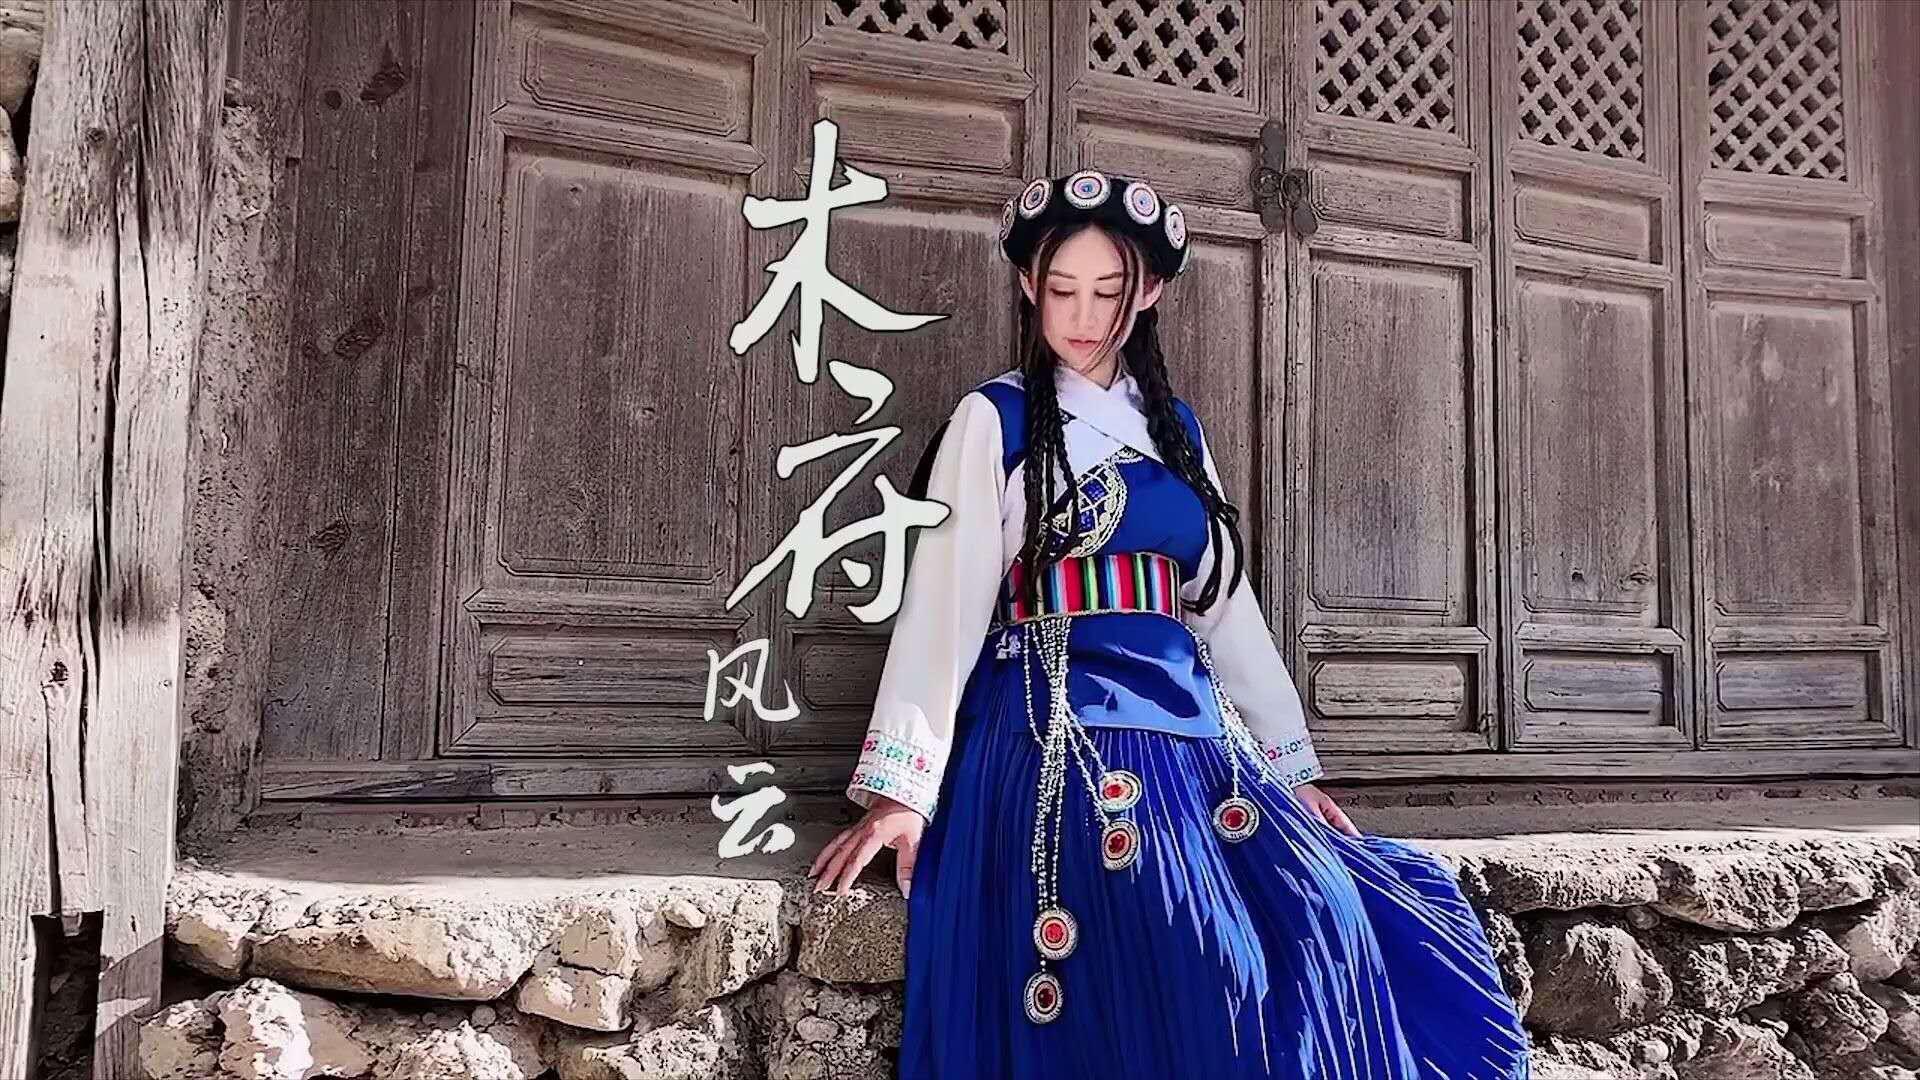 镇守丽江470年的木氏土司,有怎样的传奇经历?云南木府